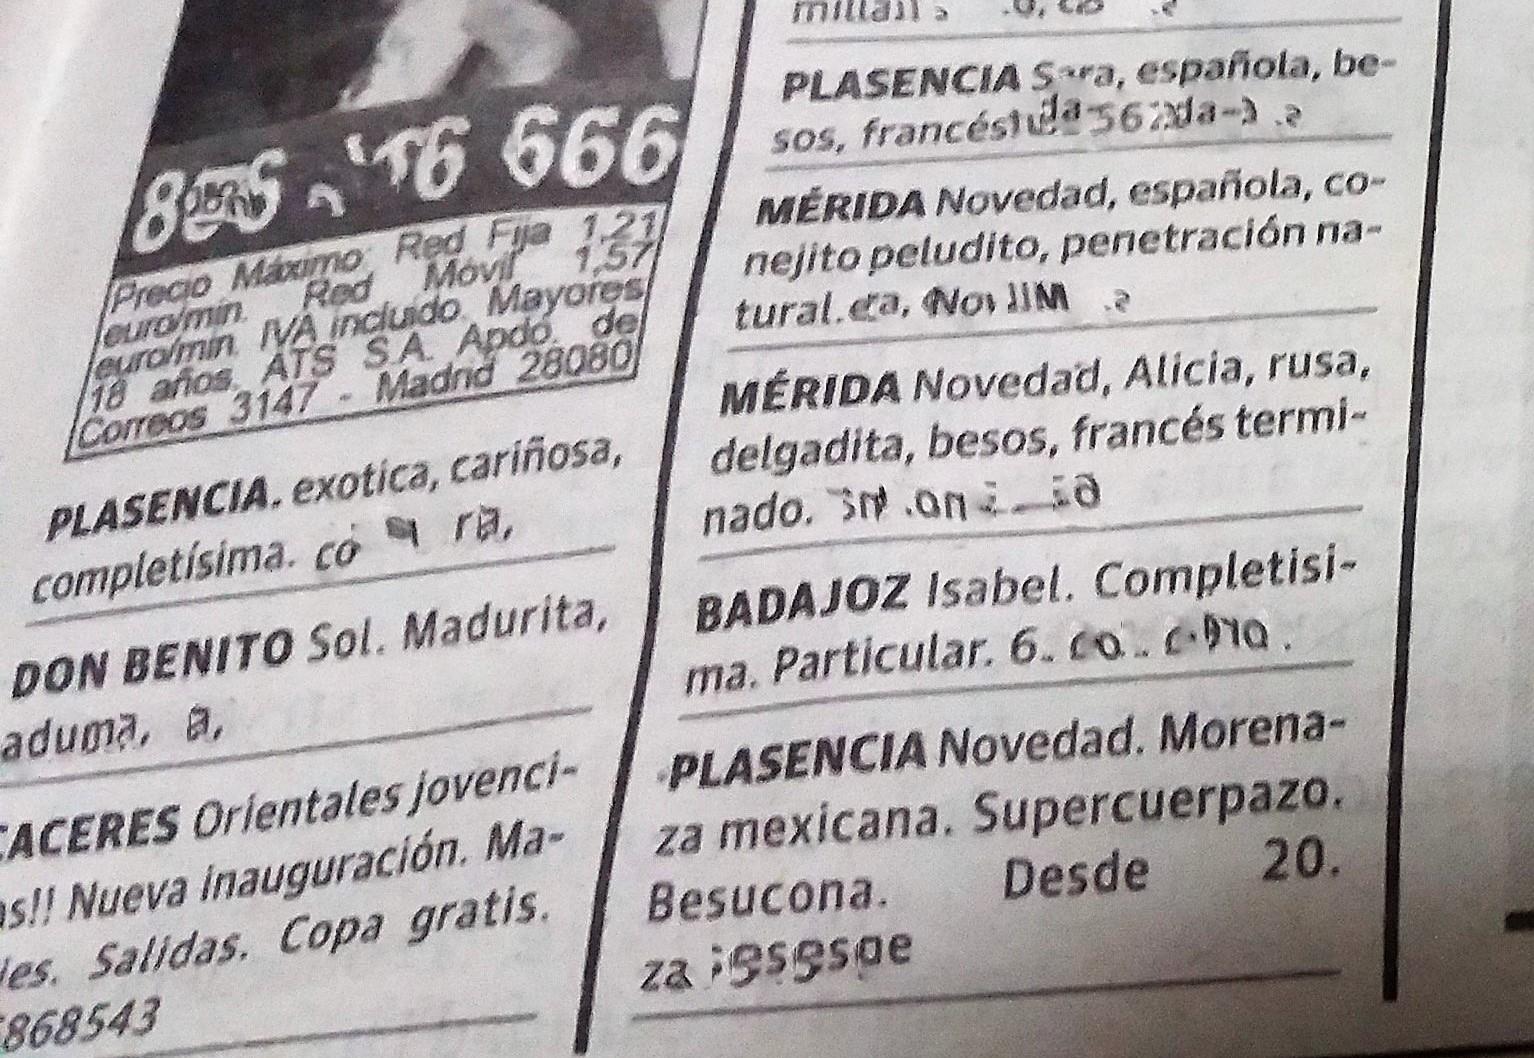 Un periódico digno no puede publicar este tipo de anuncios.